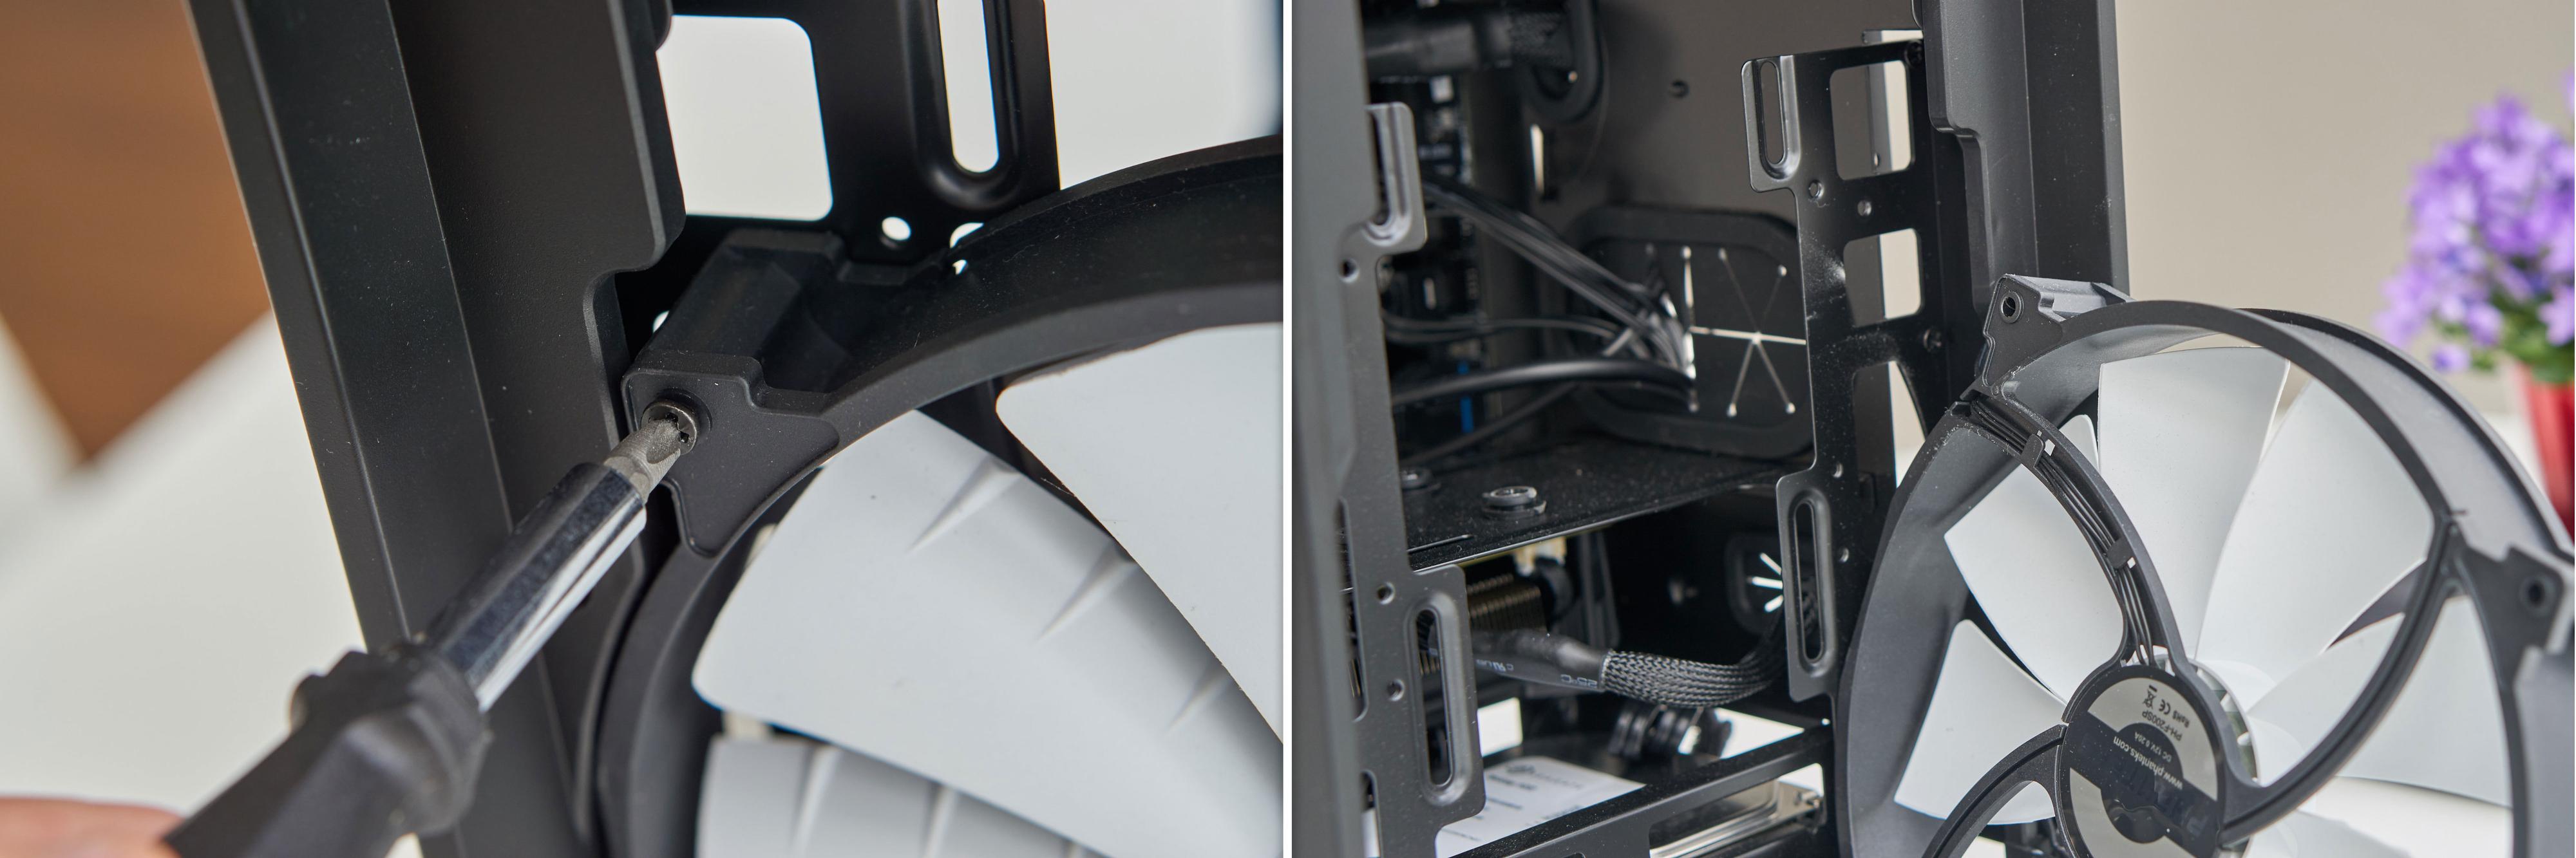 Hovedviften skrus enkelt ut, men strømkabelen er rutet et godt stykke bakover.